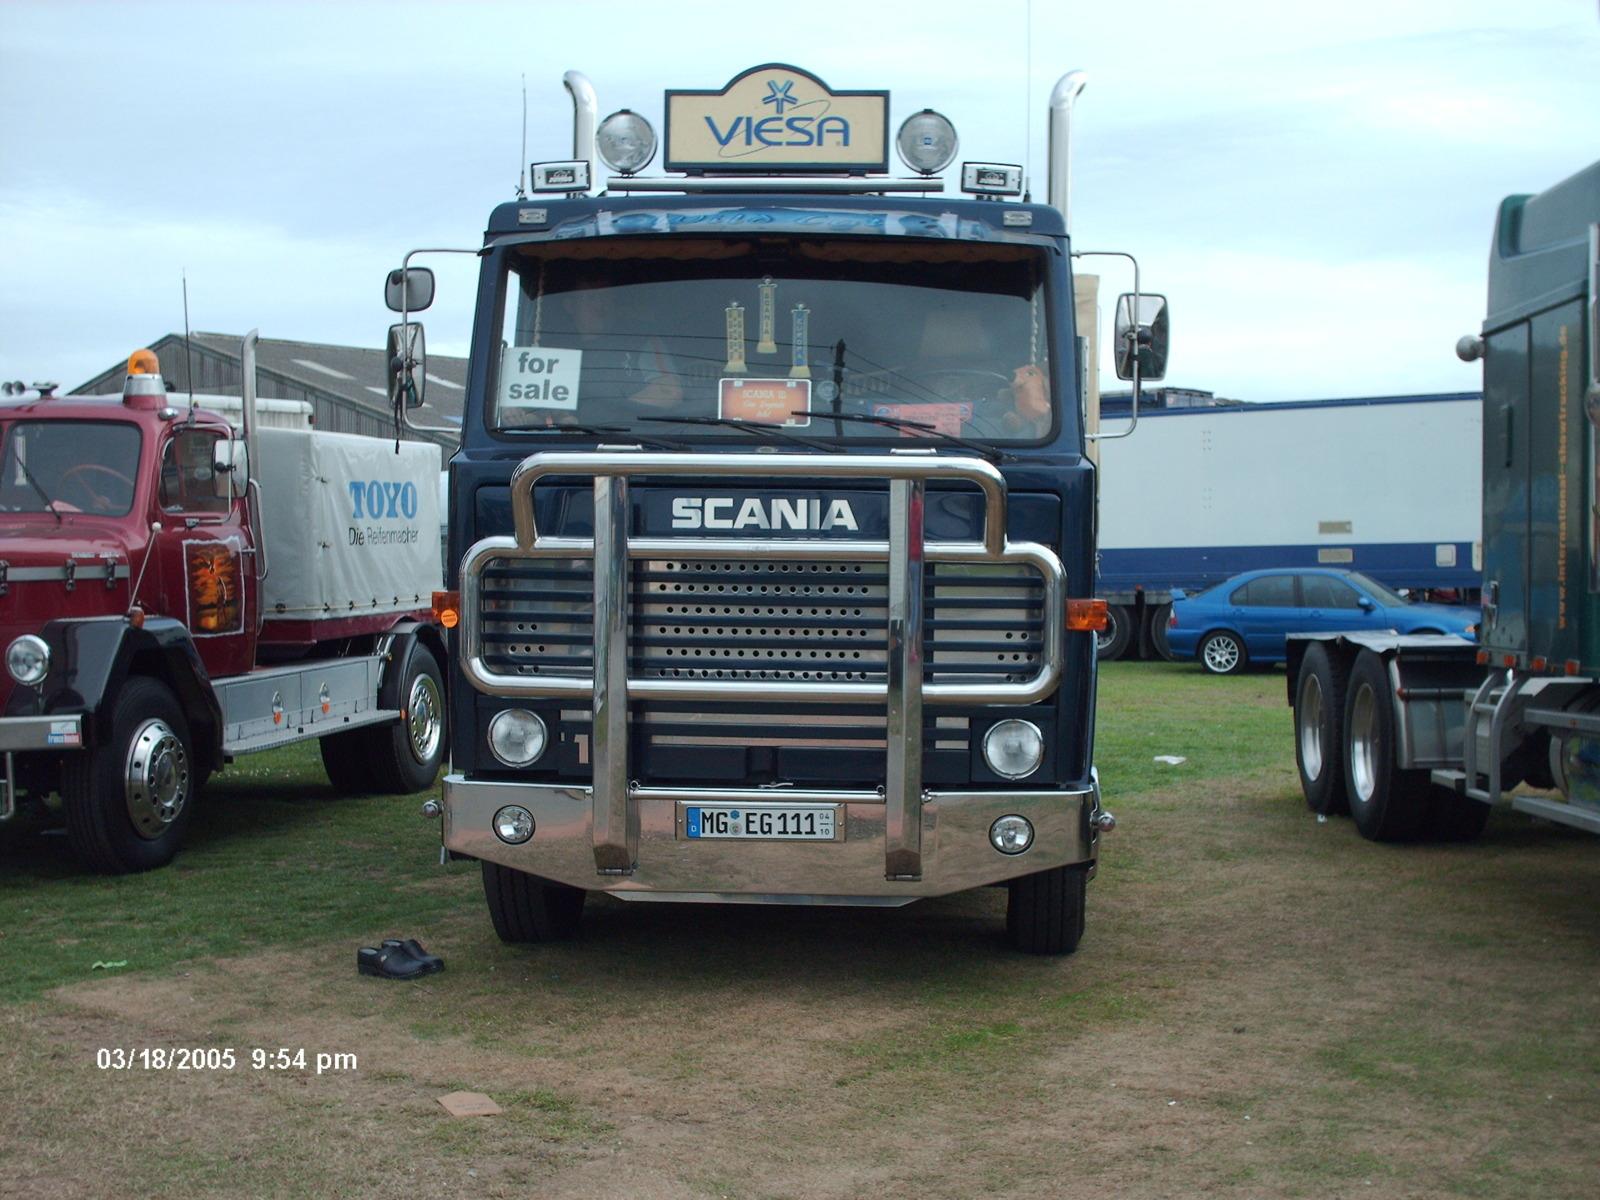 HPIM0878.JPG